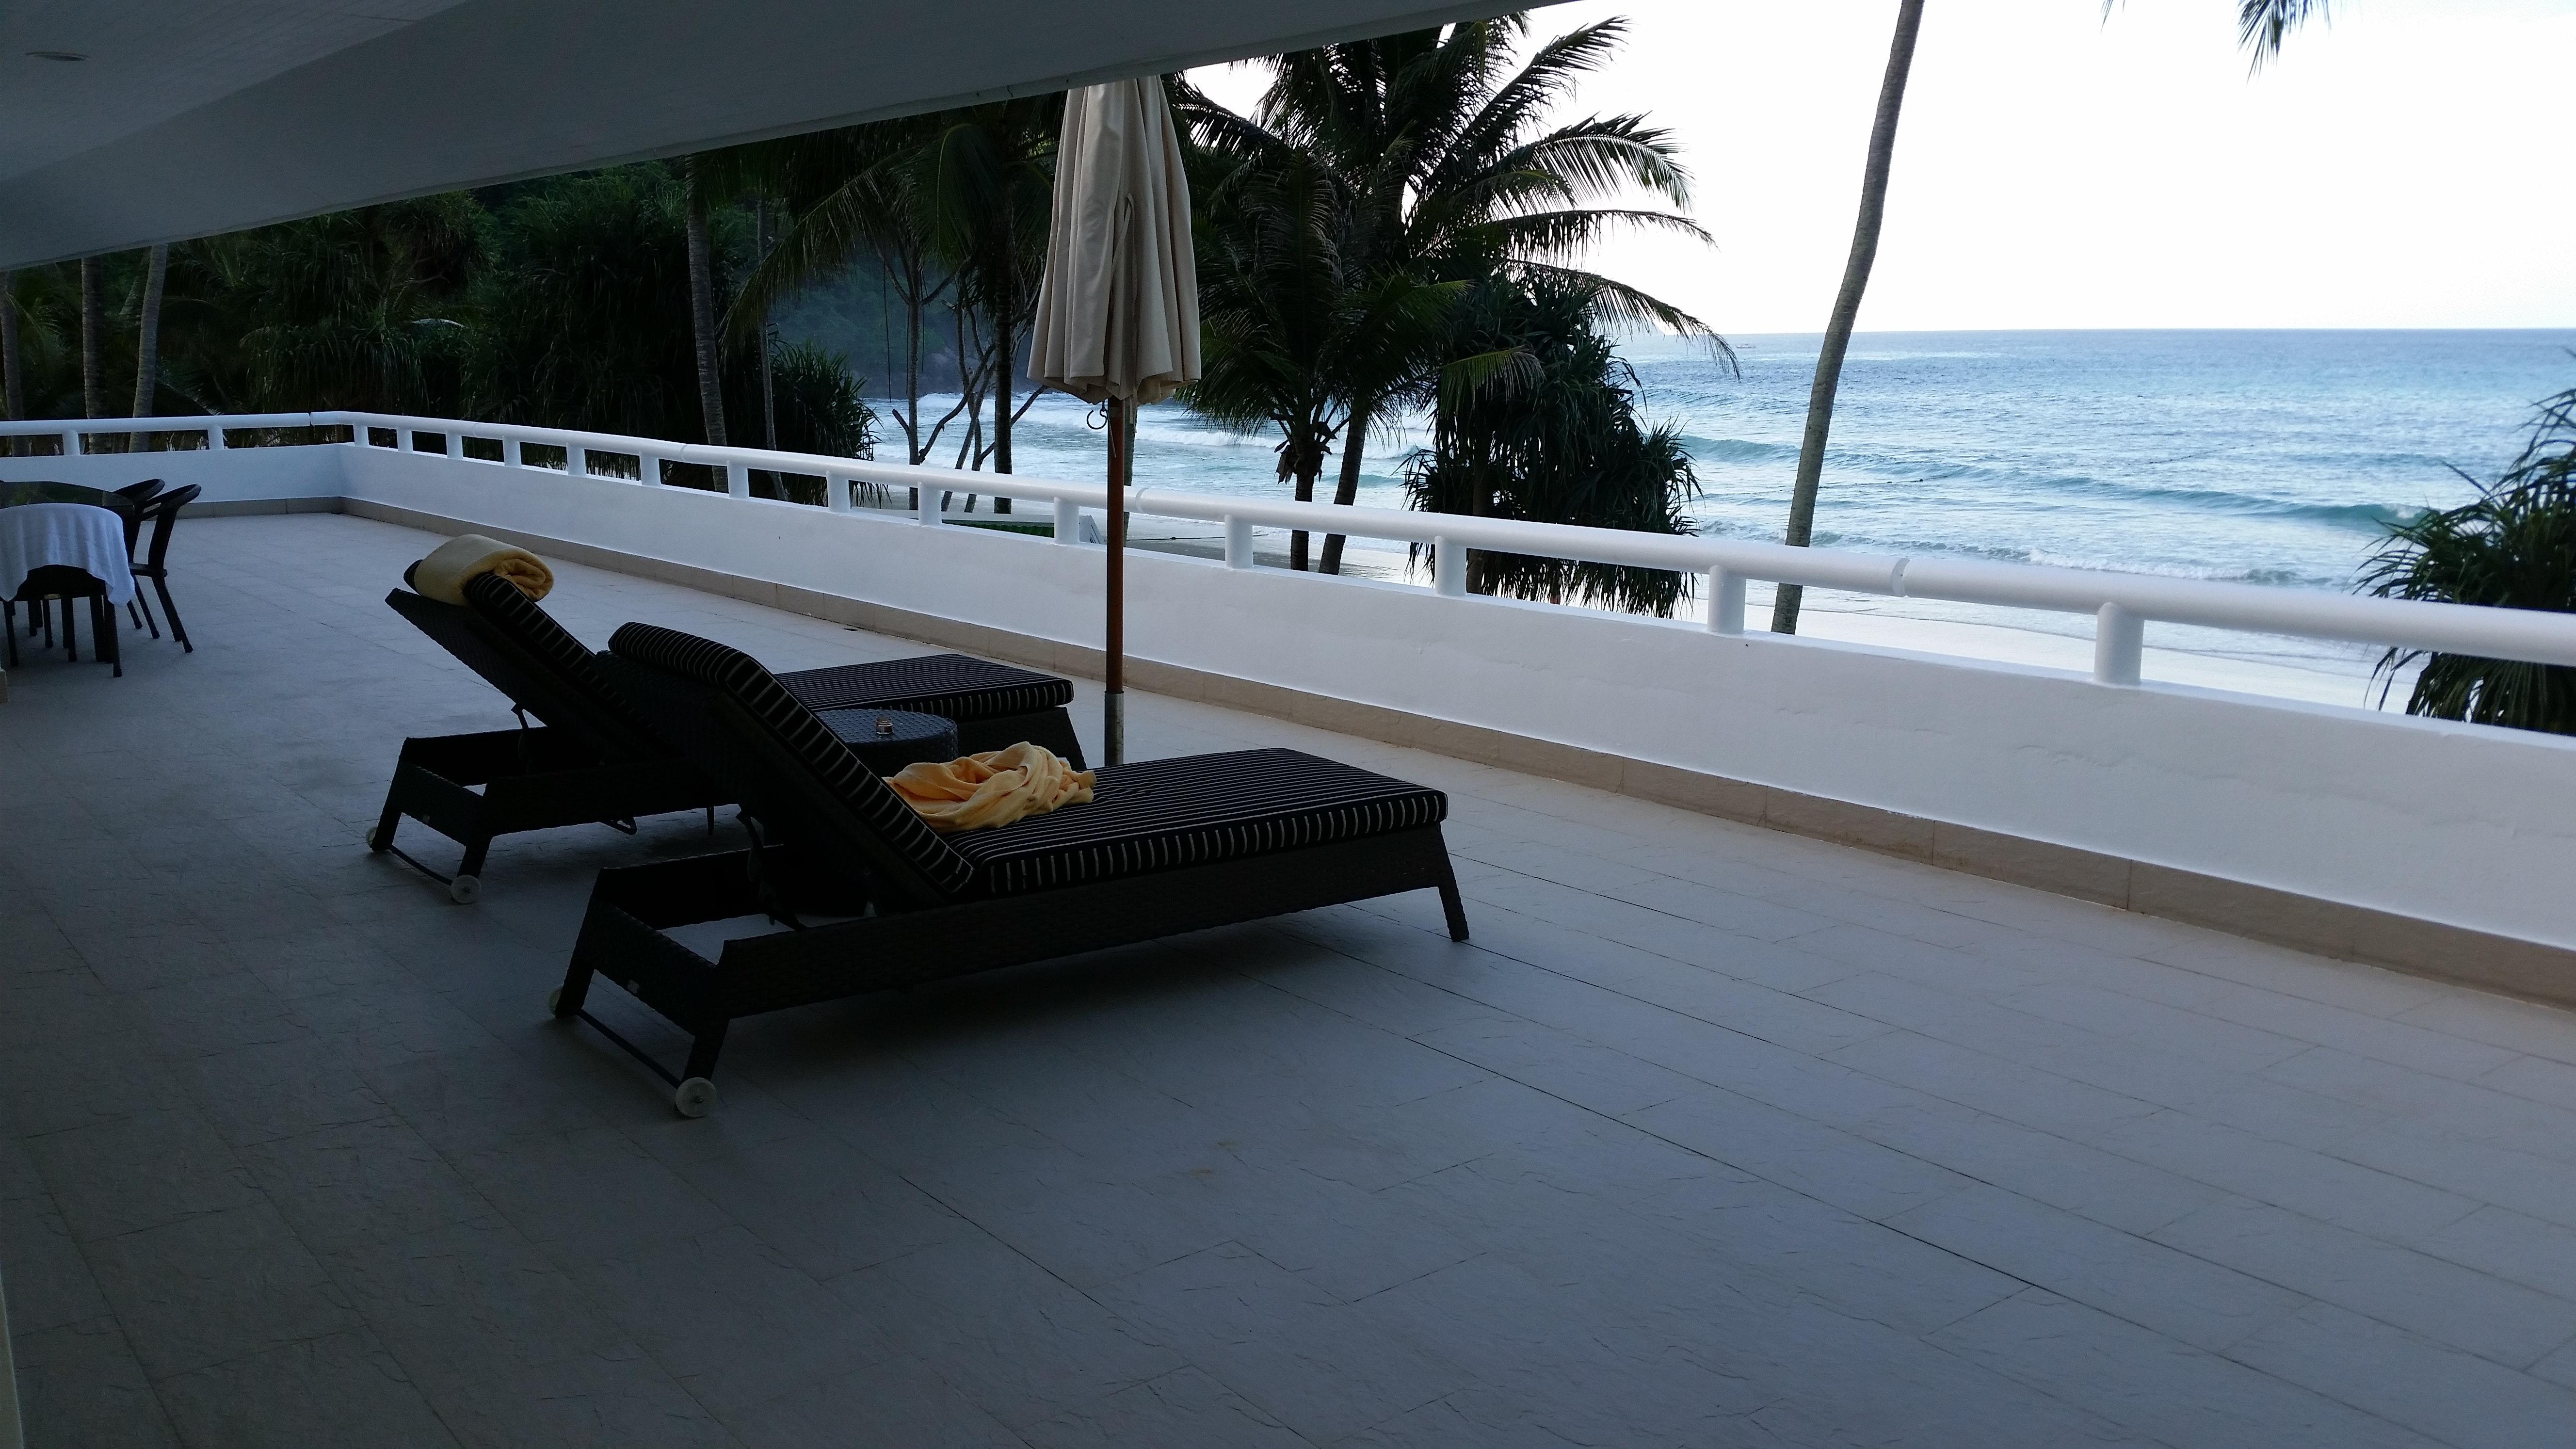 Free stock photo of beach resort, chairs, hotel